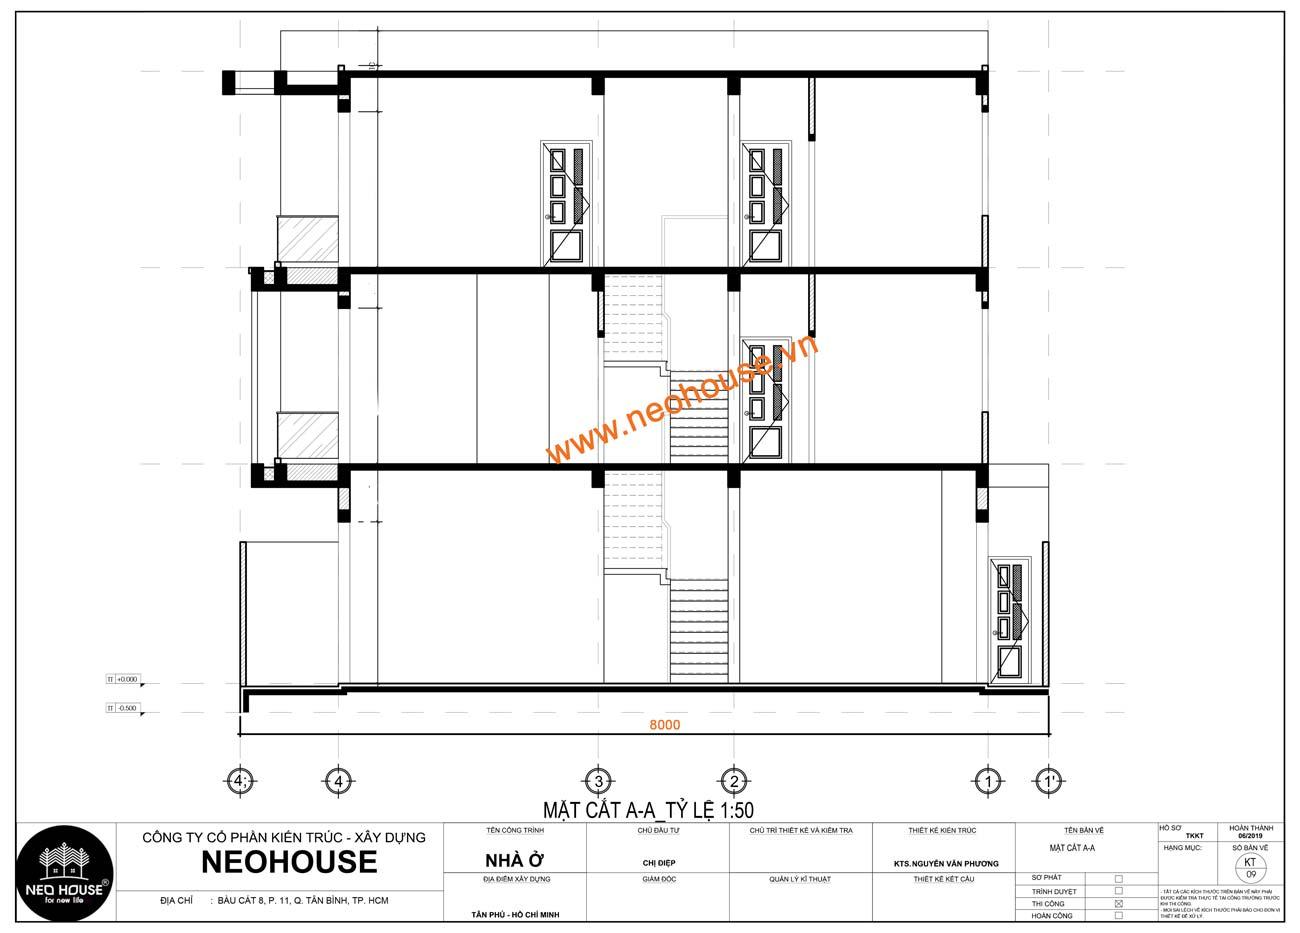 bản vẽ thiết kế kiến trúc nhà phố. Ảnh 5